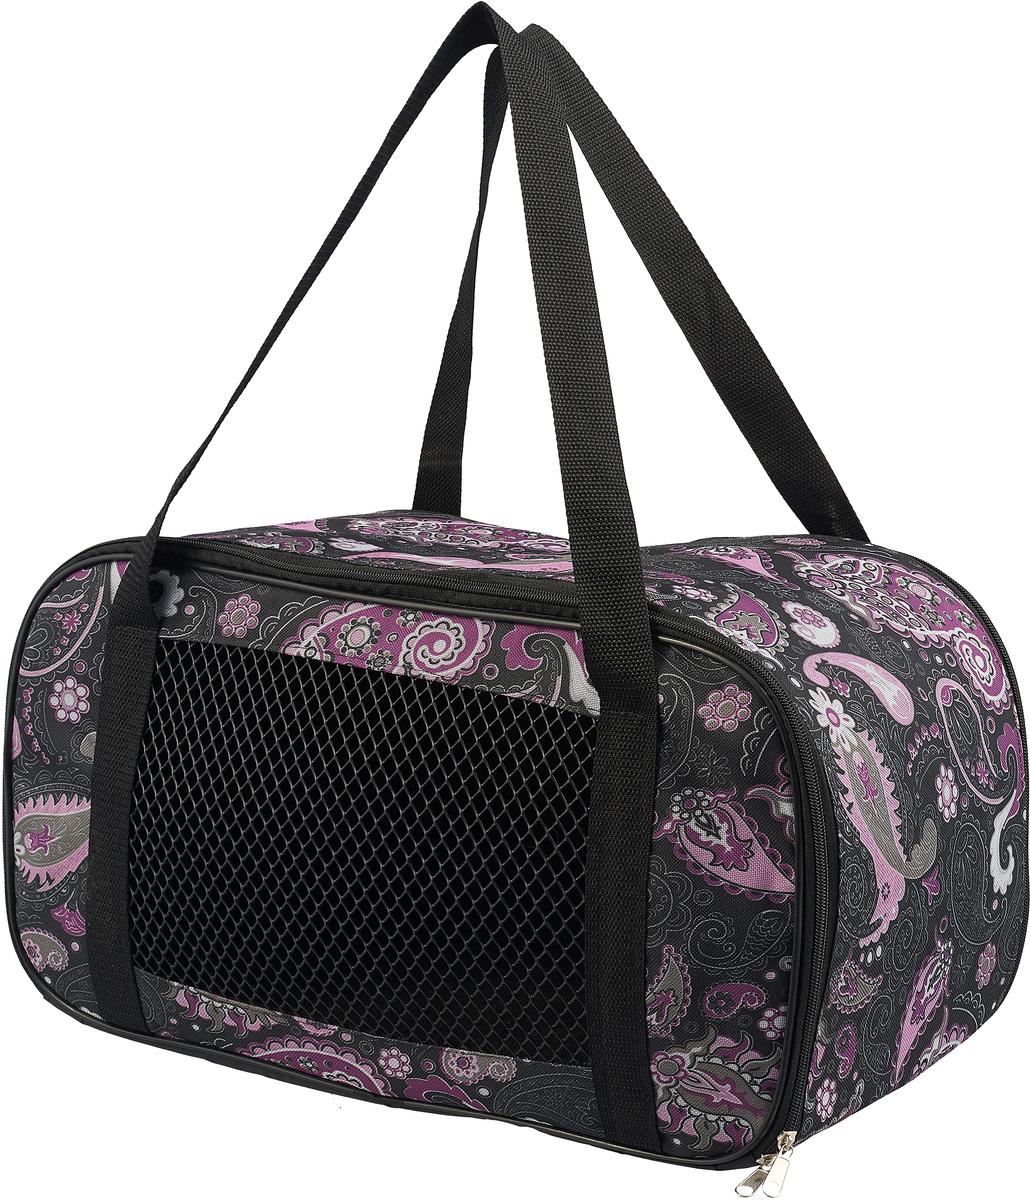 Сумка-переноска для животных Теремок, цвет: фиолетовый, черный, розовый, 47 х 24 х 22 см фиолетовый цвет 18 24 months